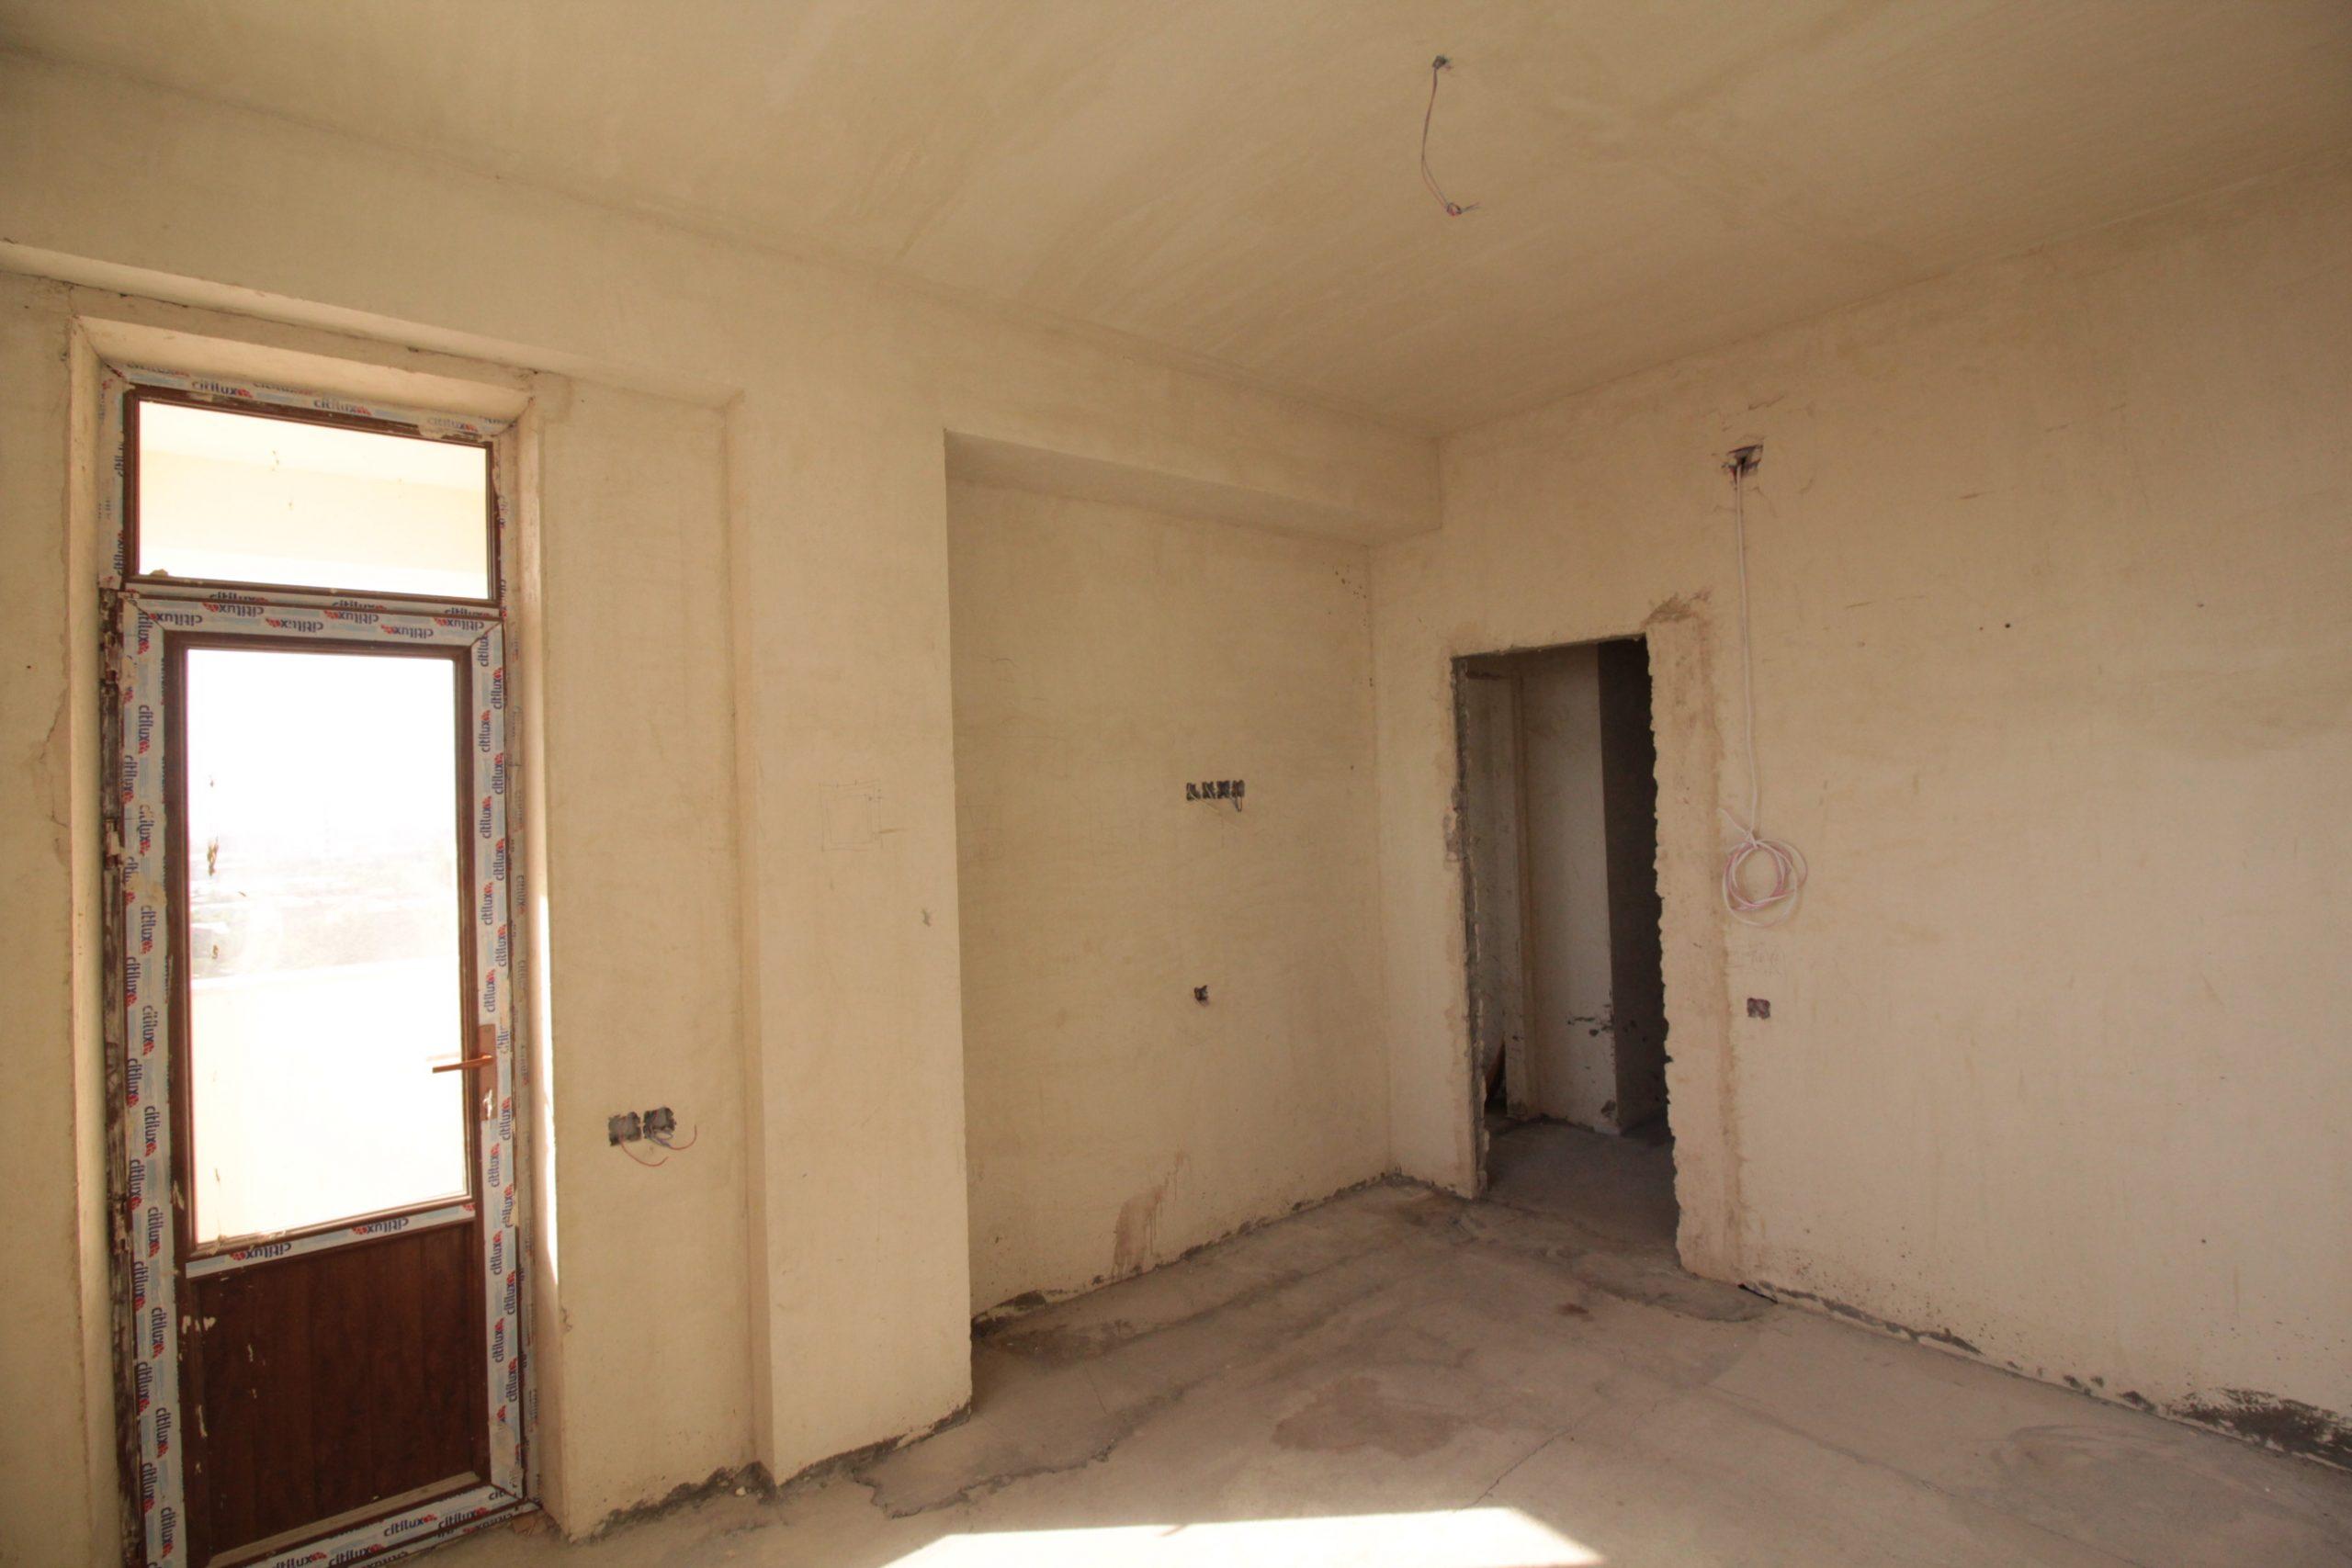 Բնակարան Ավետիս Ահարոնյան փողոցի նորակառույց շենքում